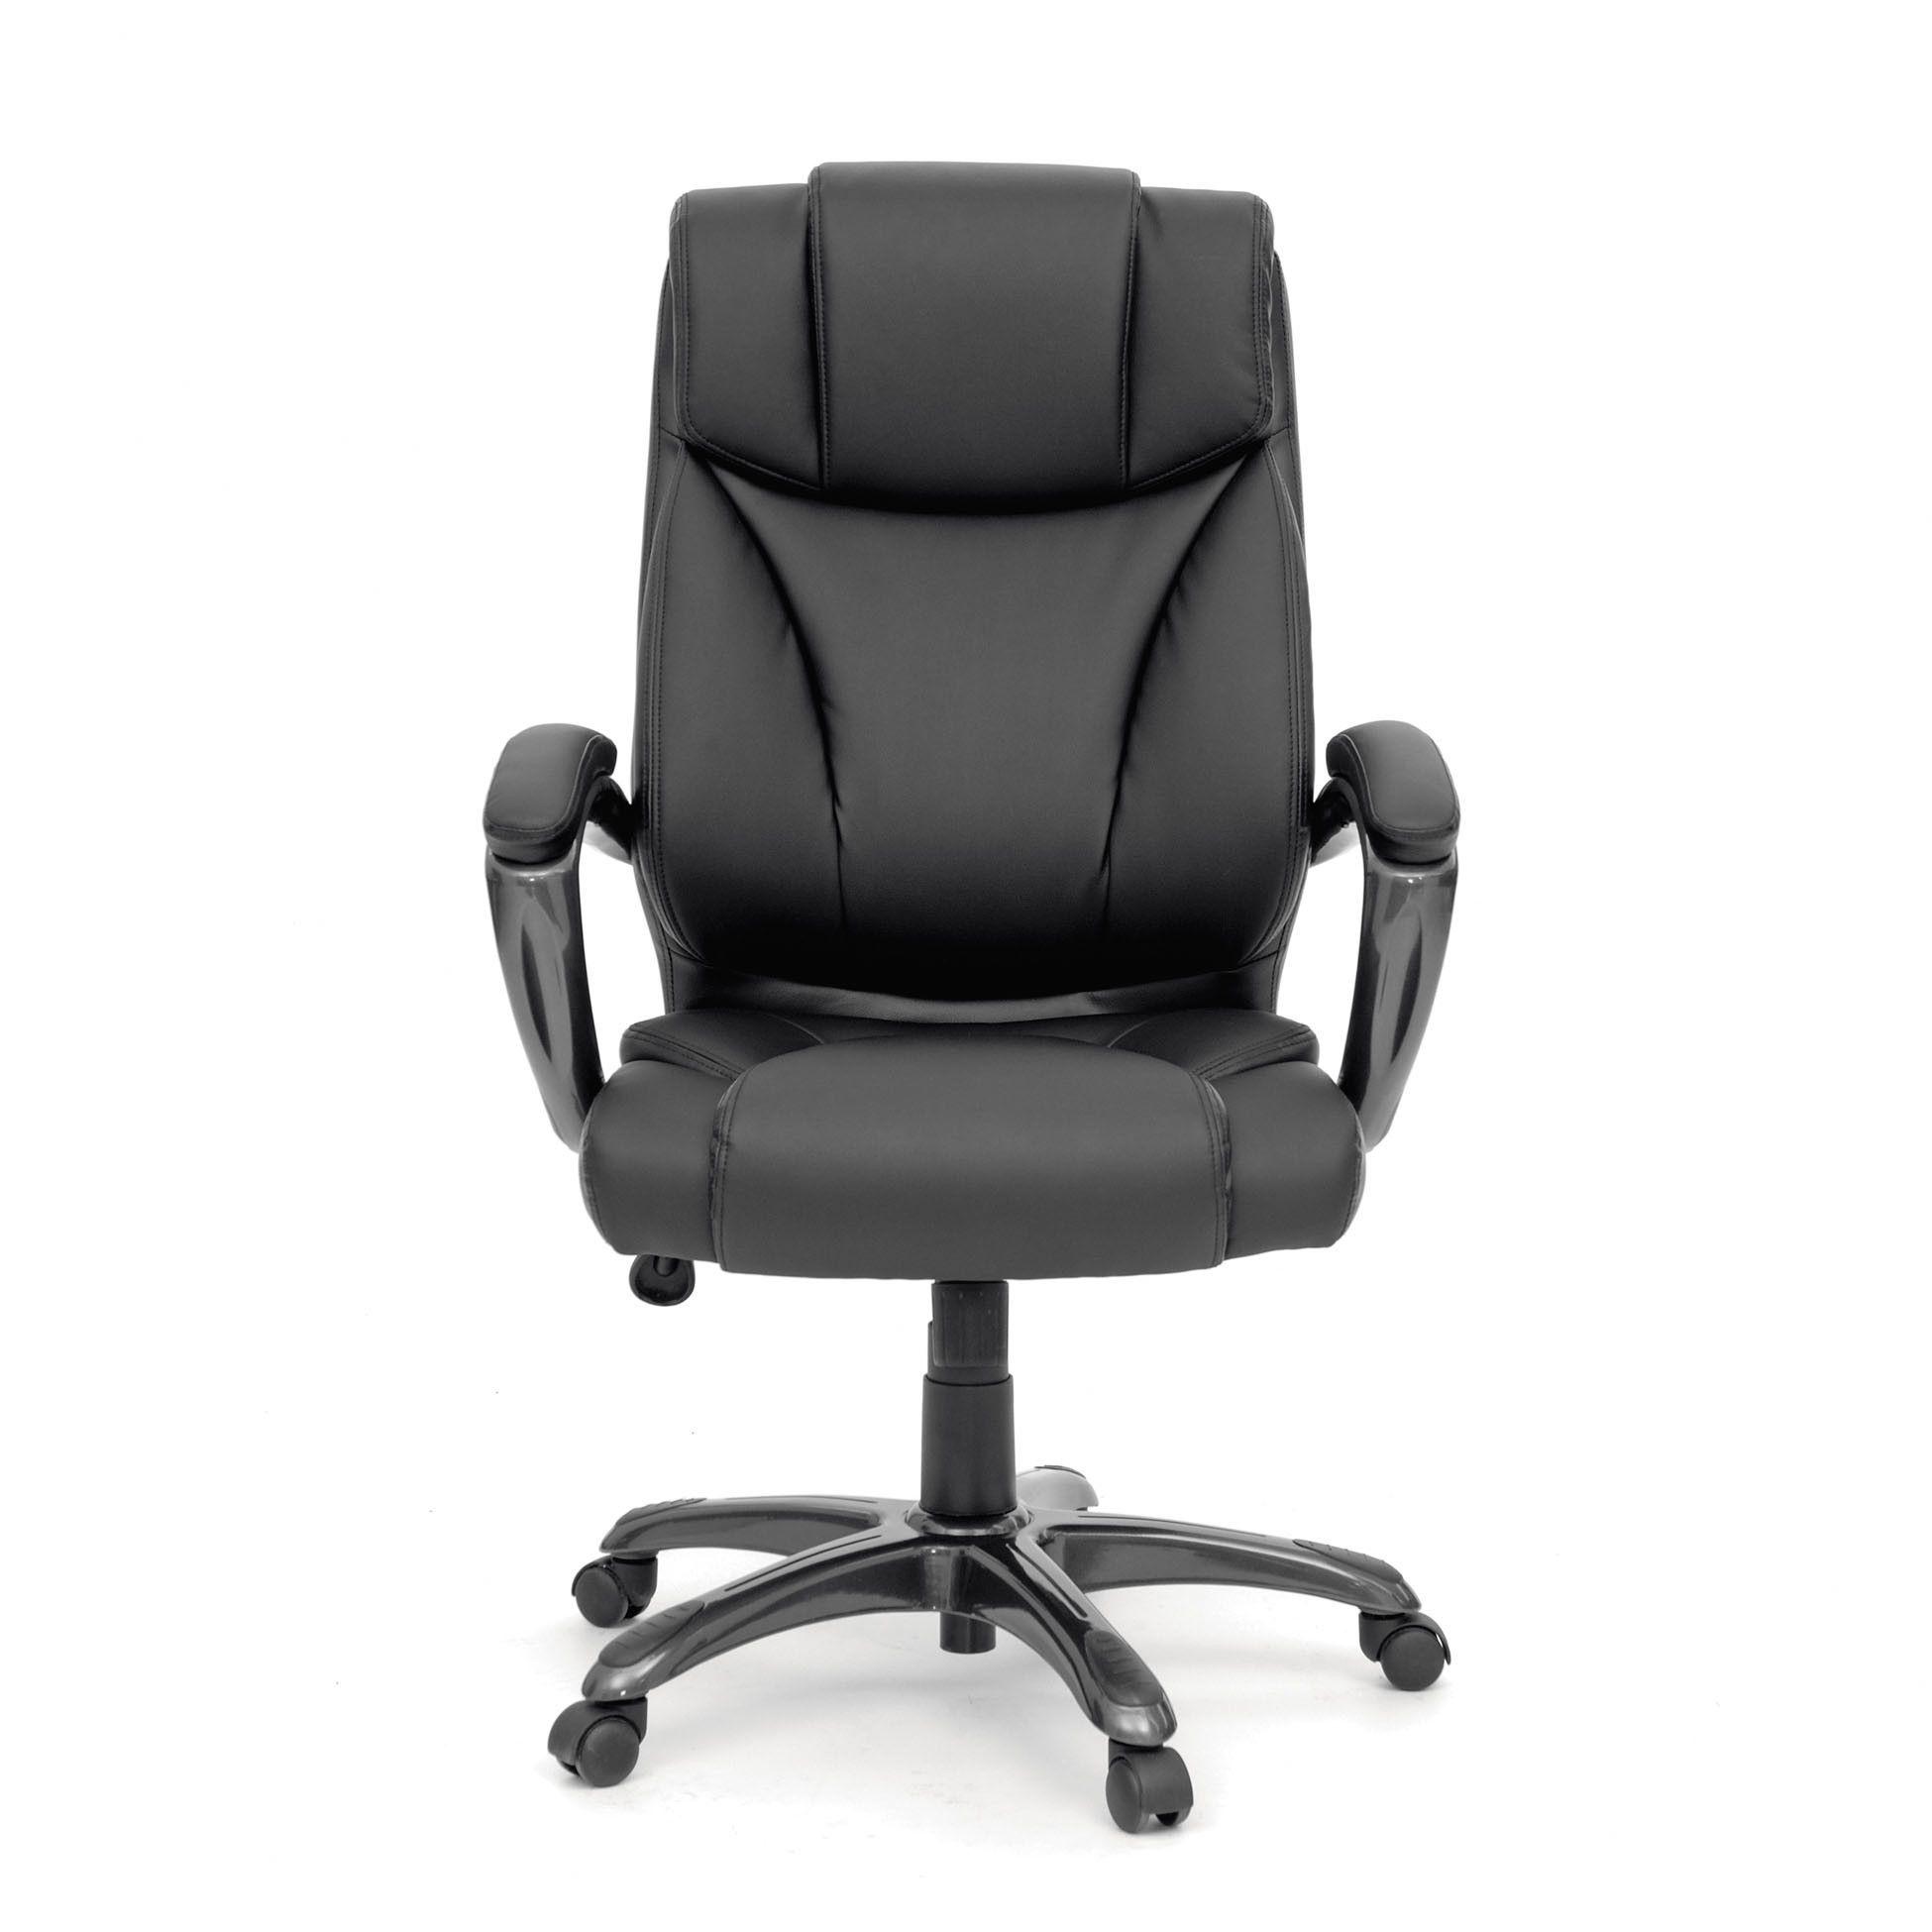 Leather Executive Chair Executive chair, Leather chair